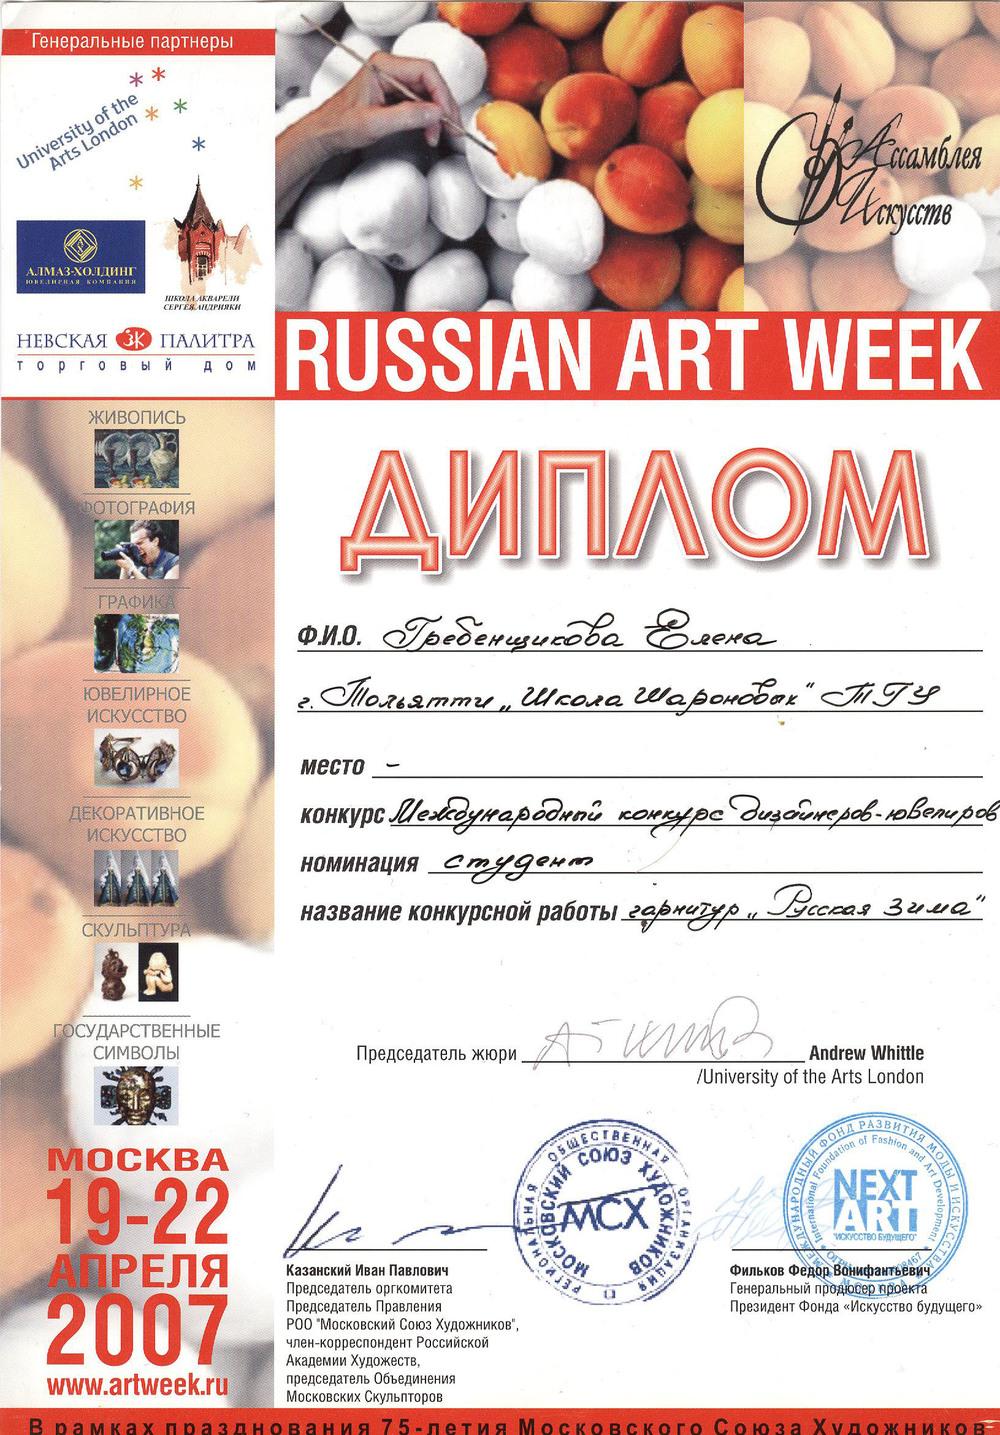 Диплом Международного конкурса дизайнеров - ювелиров на RUSSIAN ART WEEK, г. Москва, 2007 г.